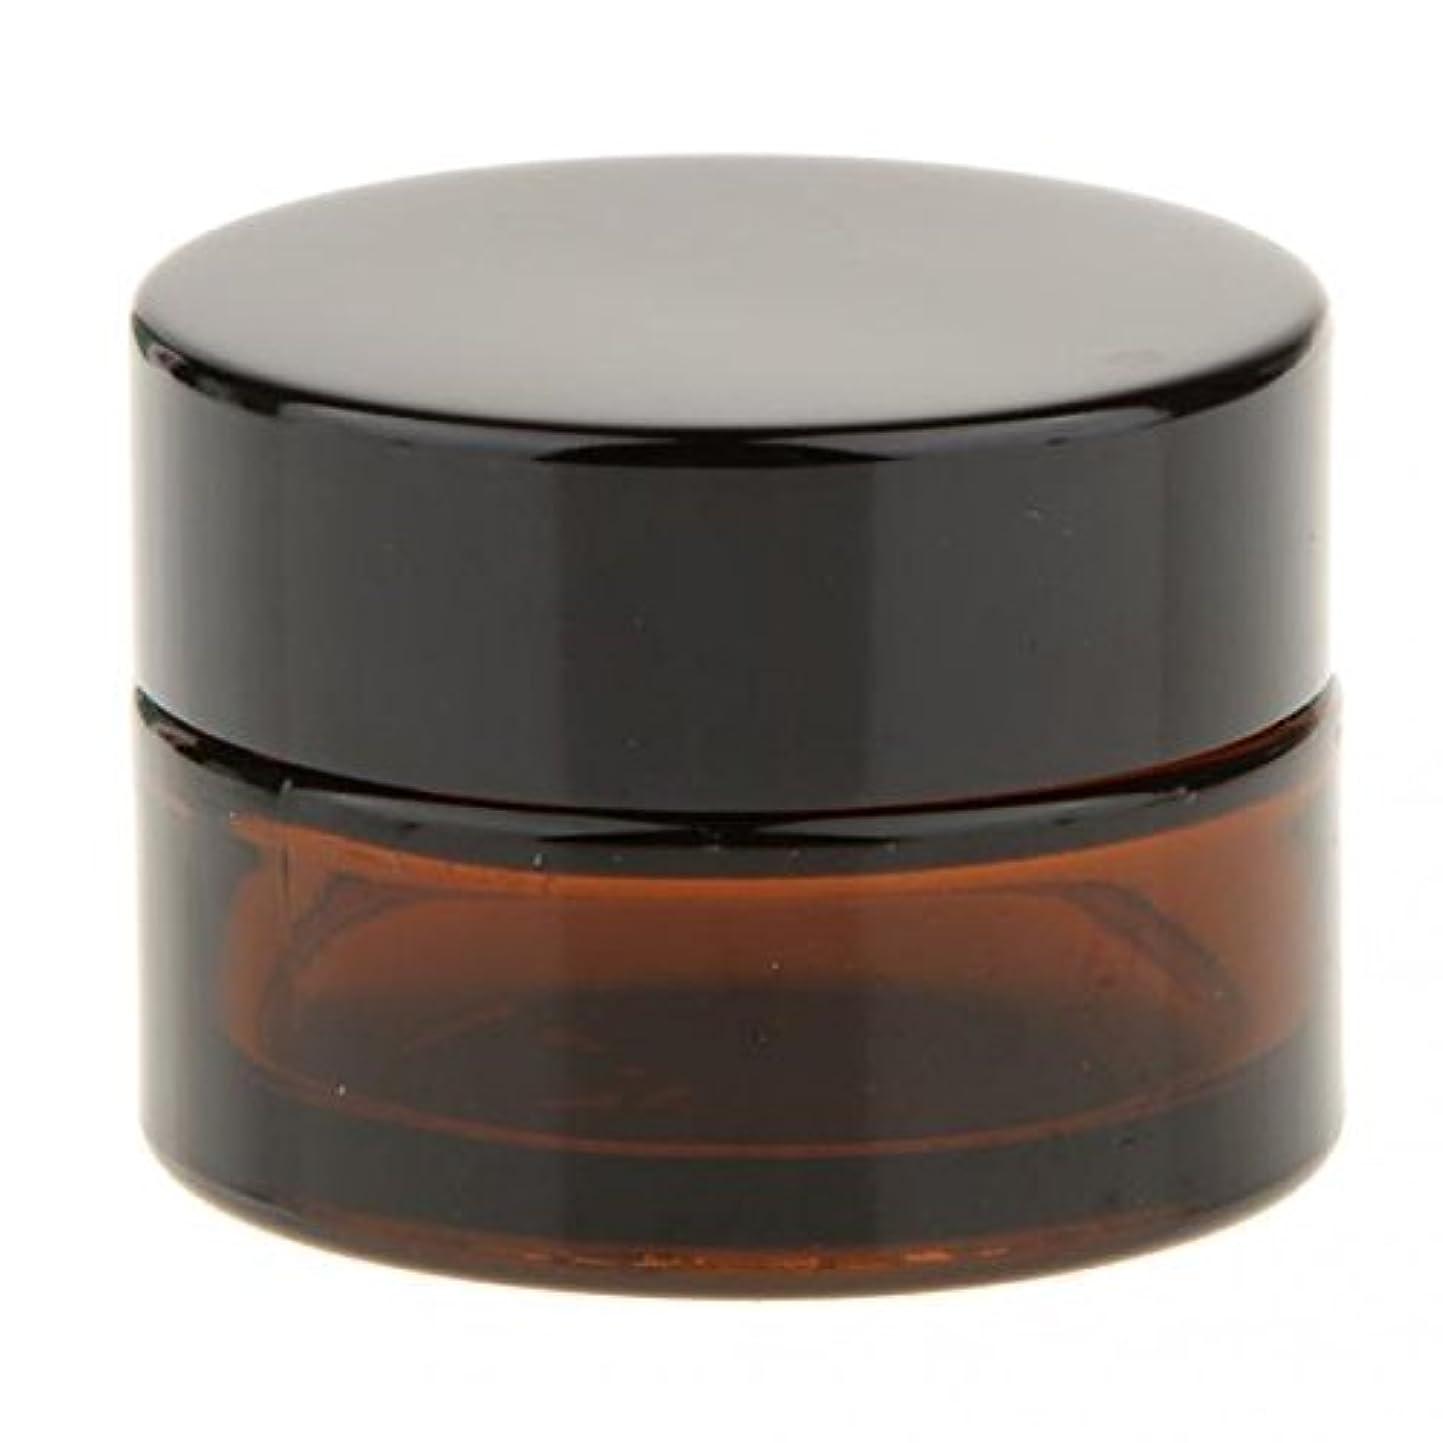 輝度電球血まみれPerfk アクリル製 詰め替え可能 空き瓶 サンプル容器 クリーム キャップ付き ローション  耐久性 20g 2個